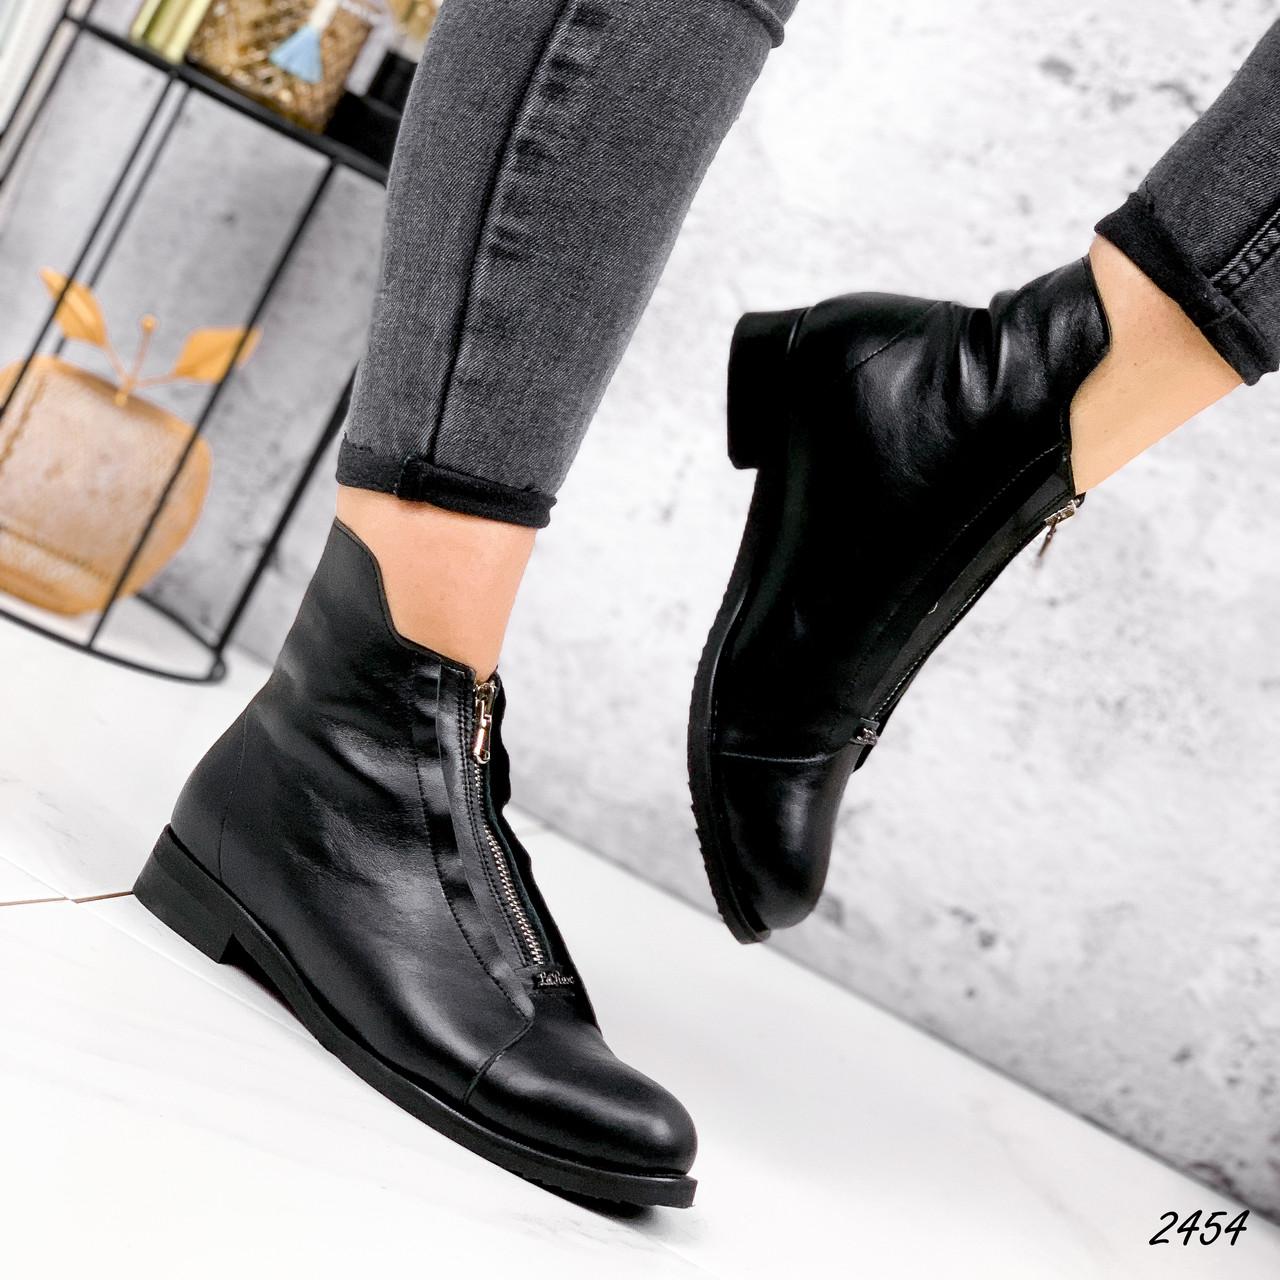 Ботинки женские Harry черные 2454 кожа ЗИМА